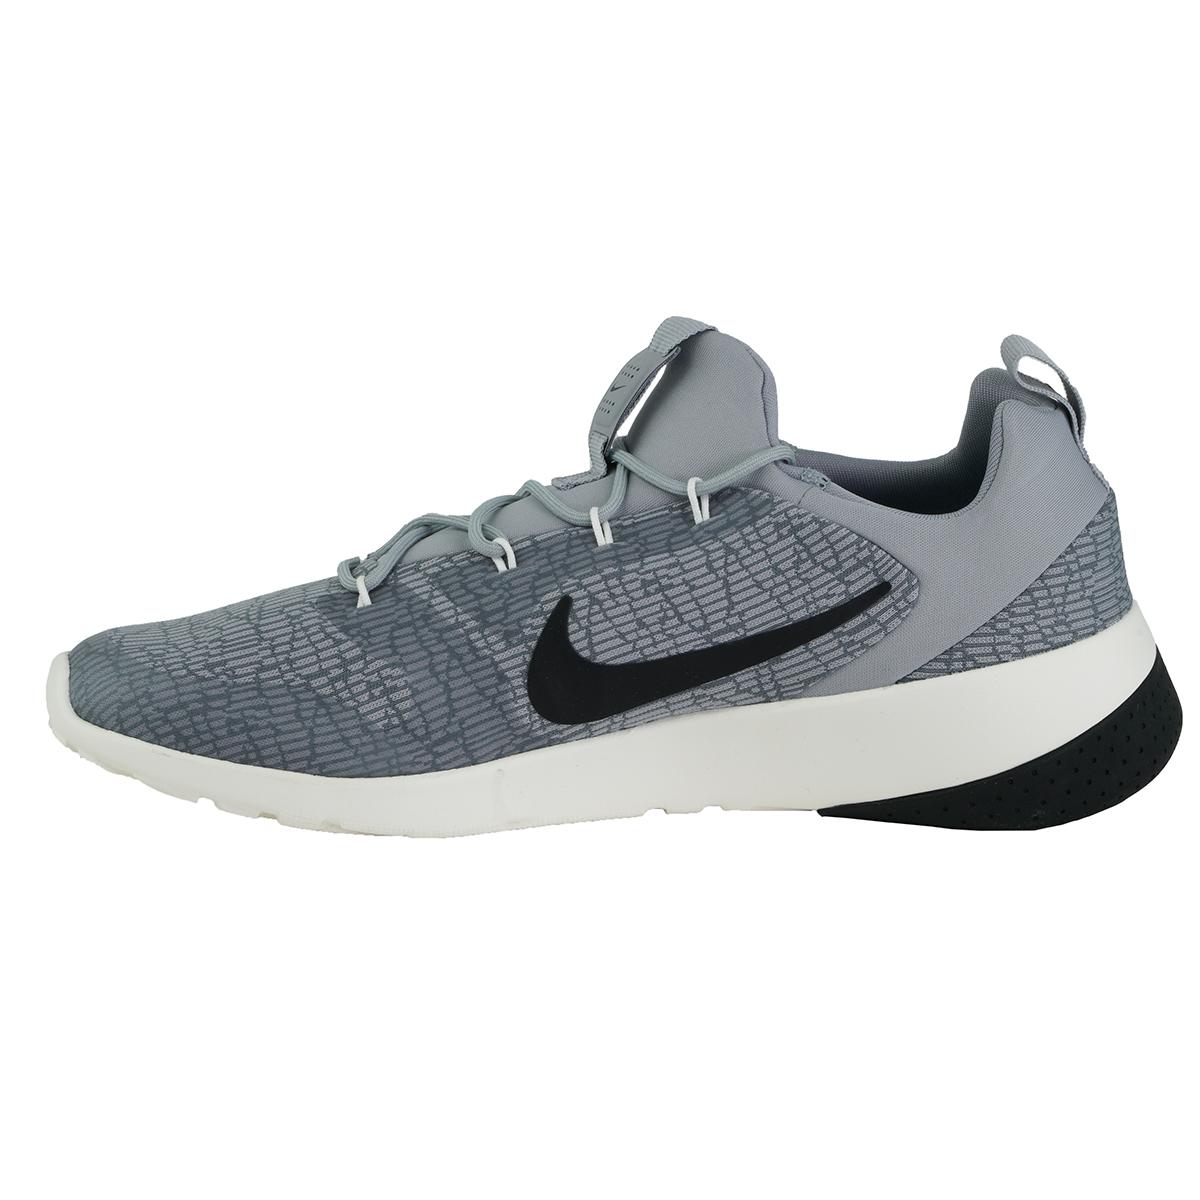 Nike-Men-039-s-CK-Racer-Shoes thumbnail 3